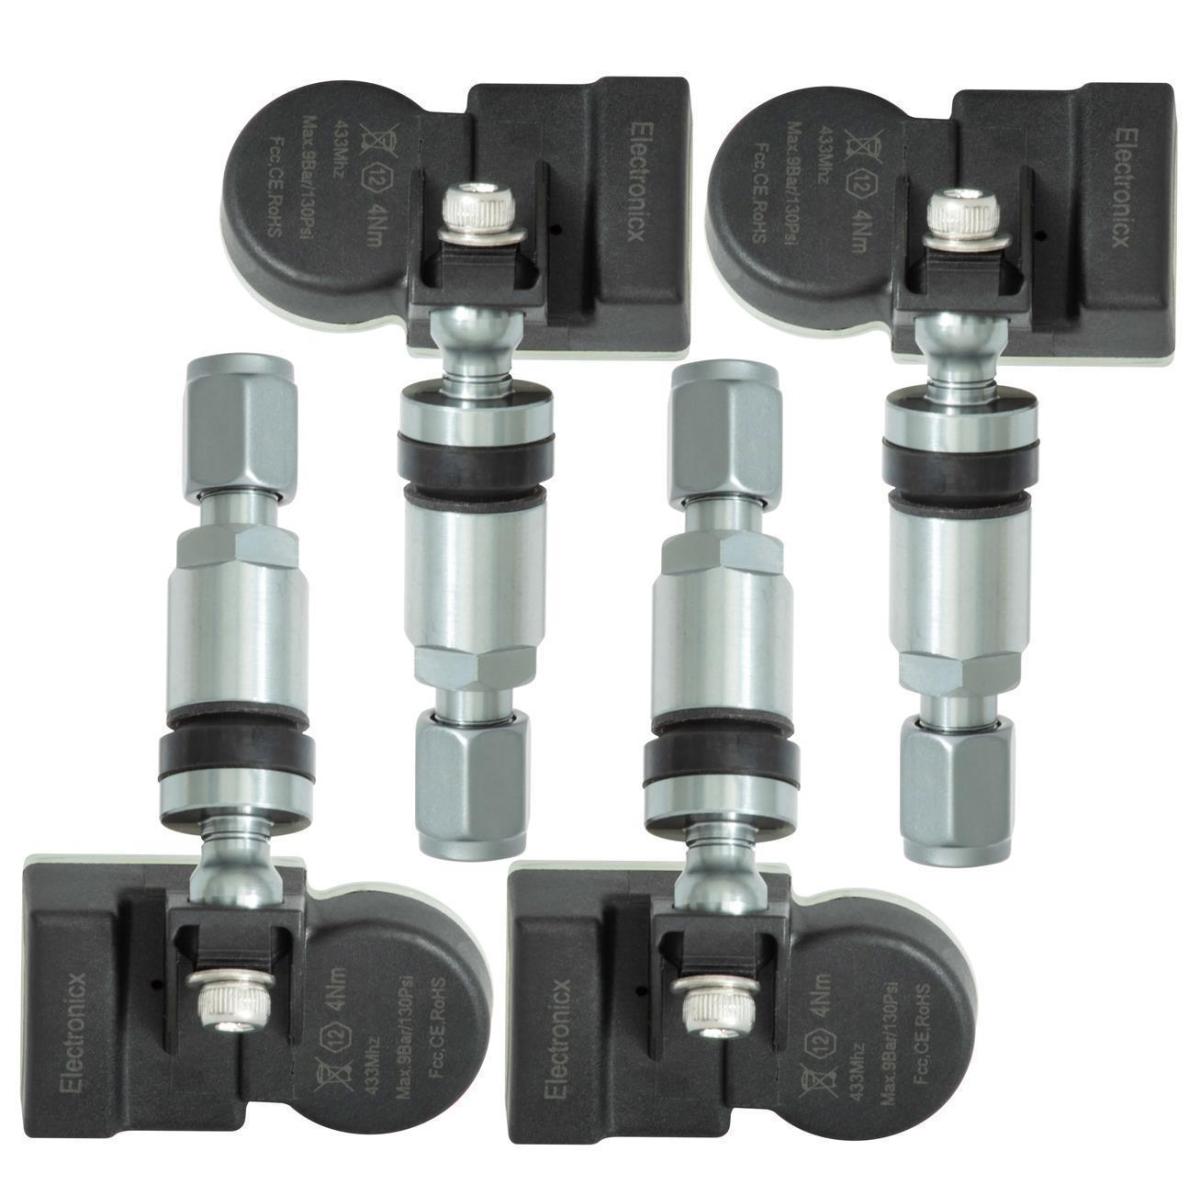 4 capteurs de pression des pneus TPMS valve métallique gris foncé pour le Mercedes Freightliner Sprinter